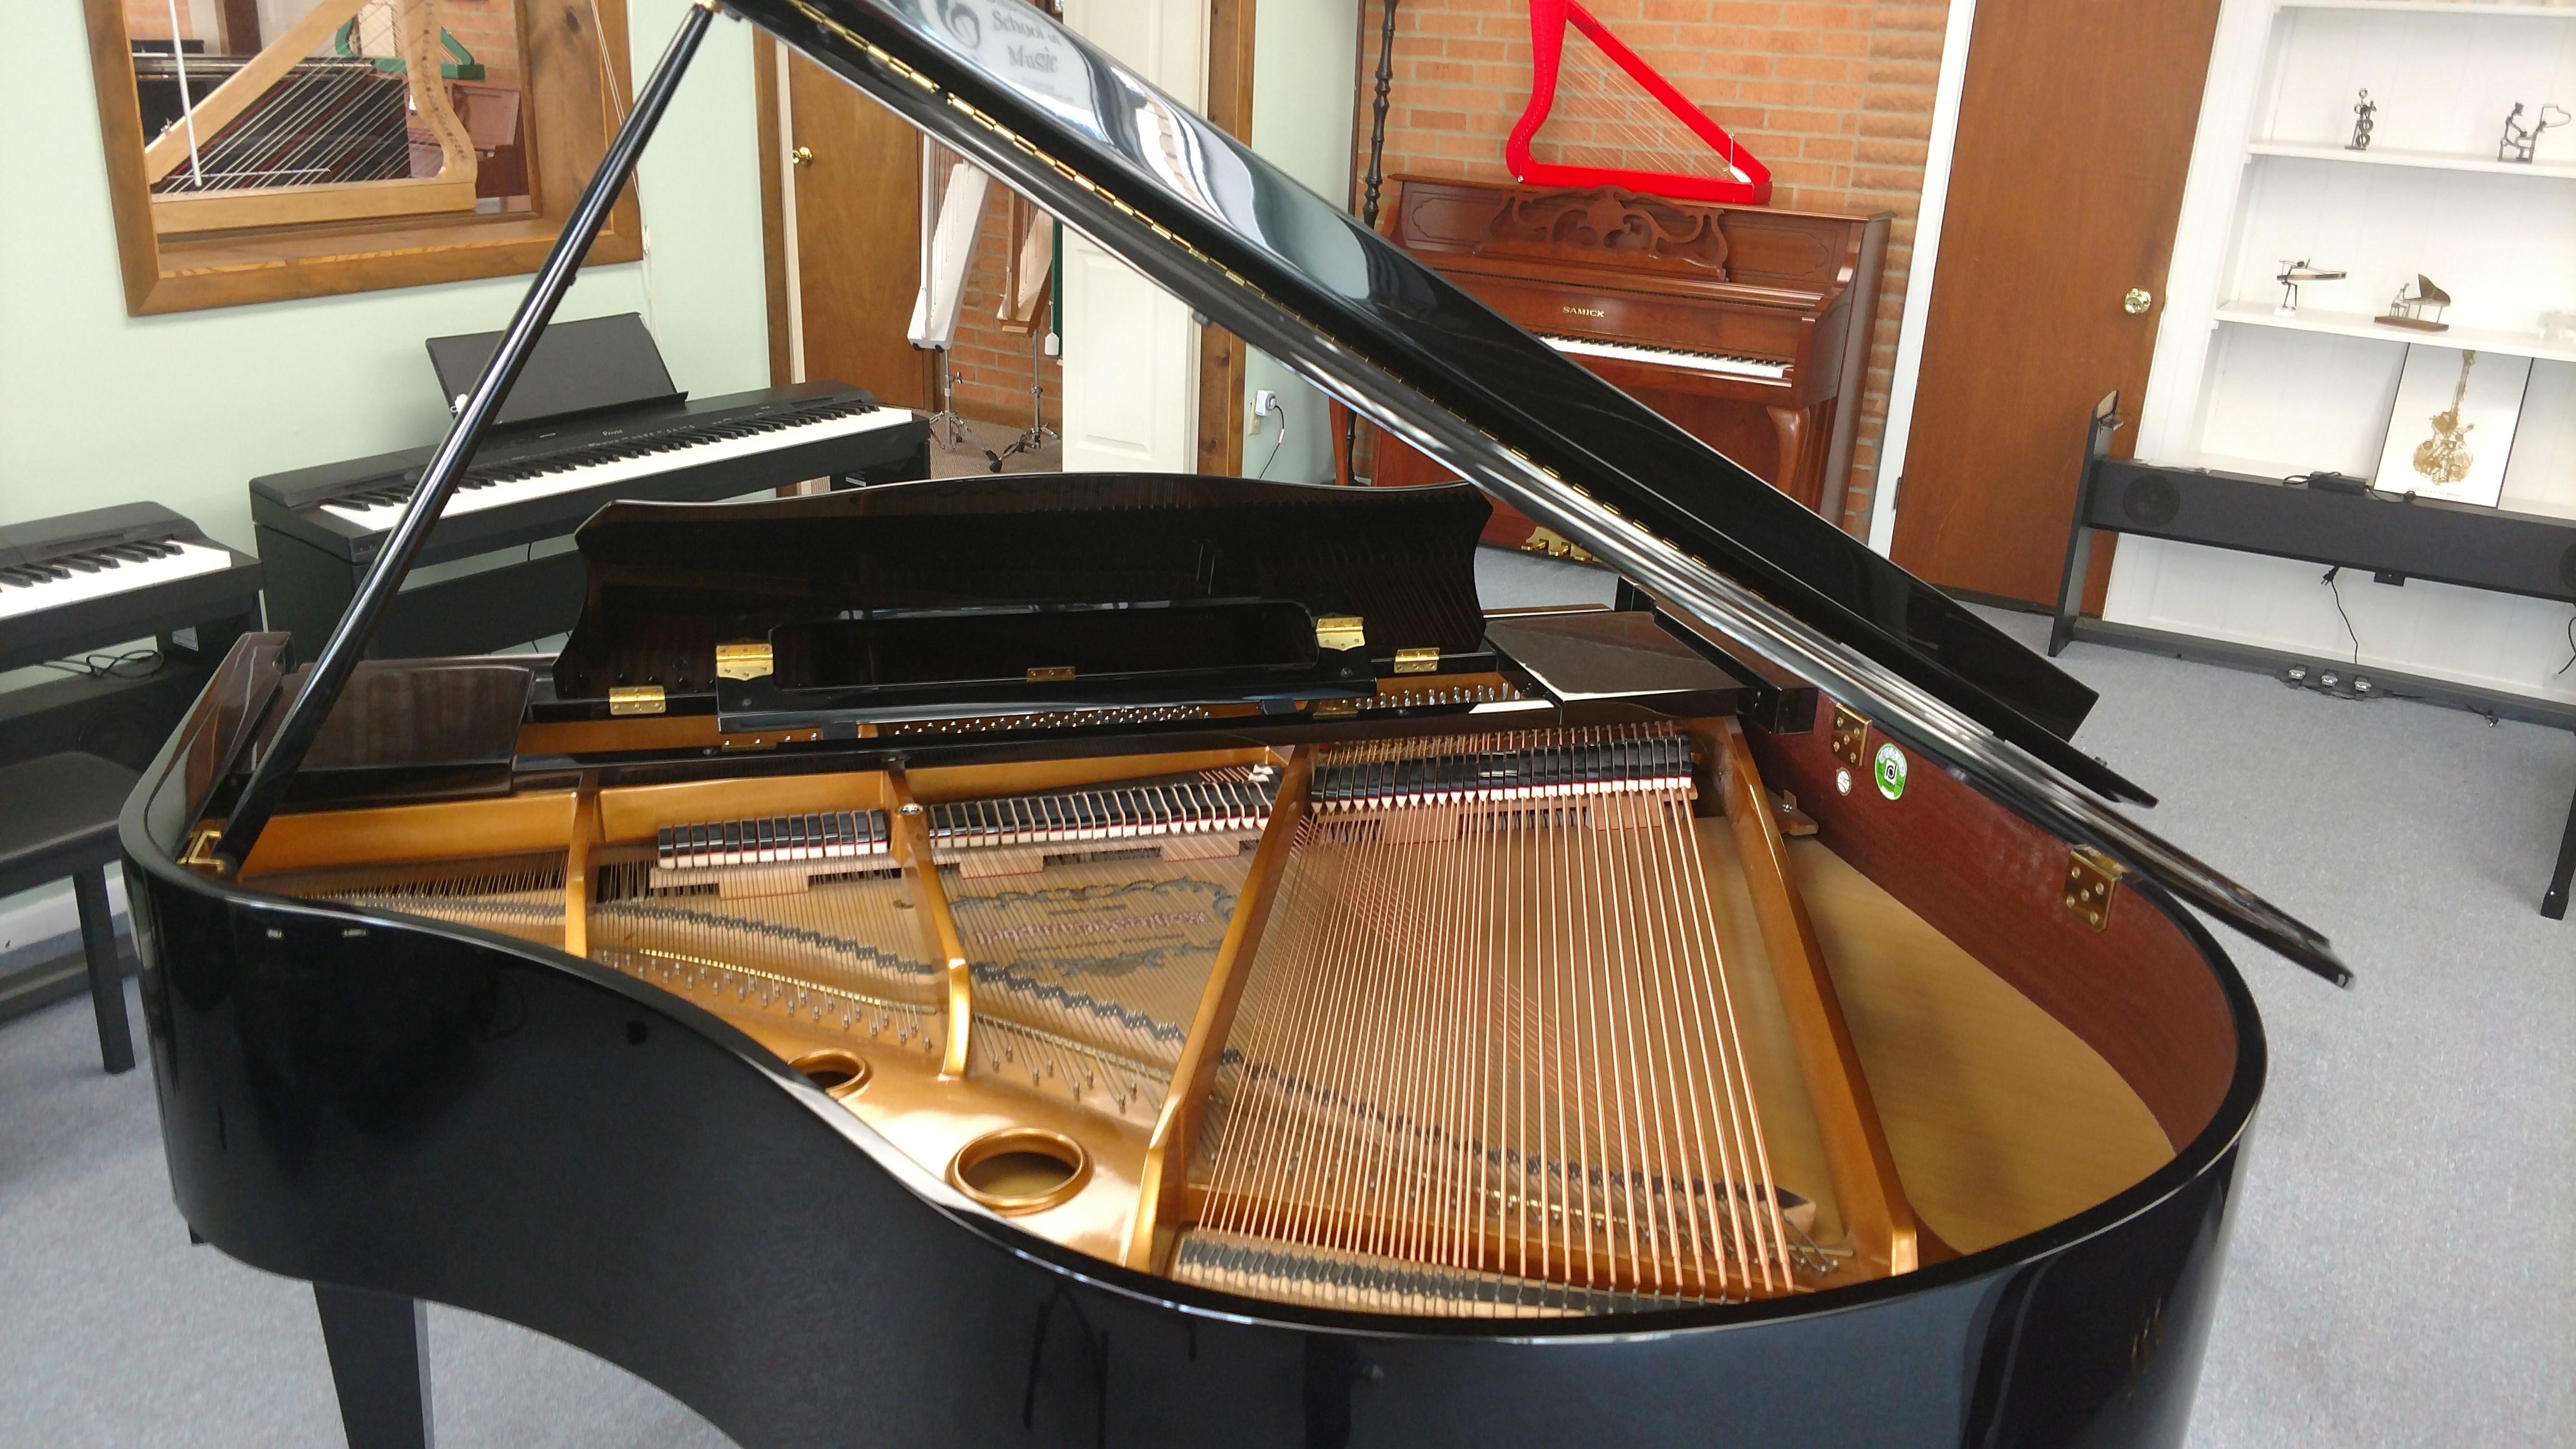 Piano Tune-up